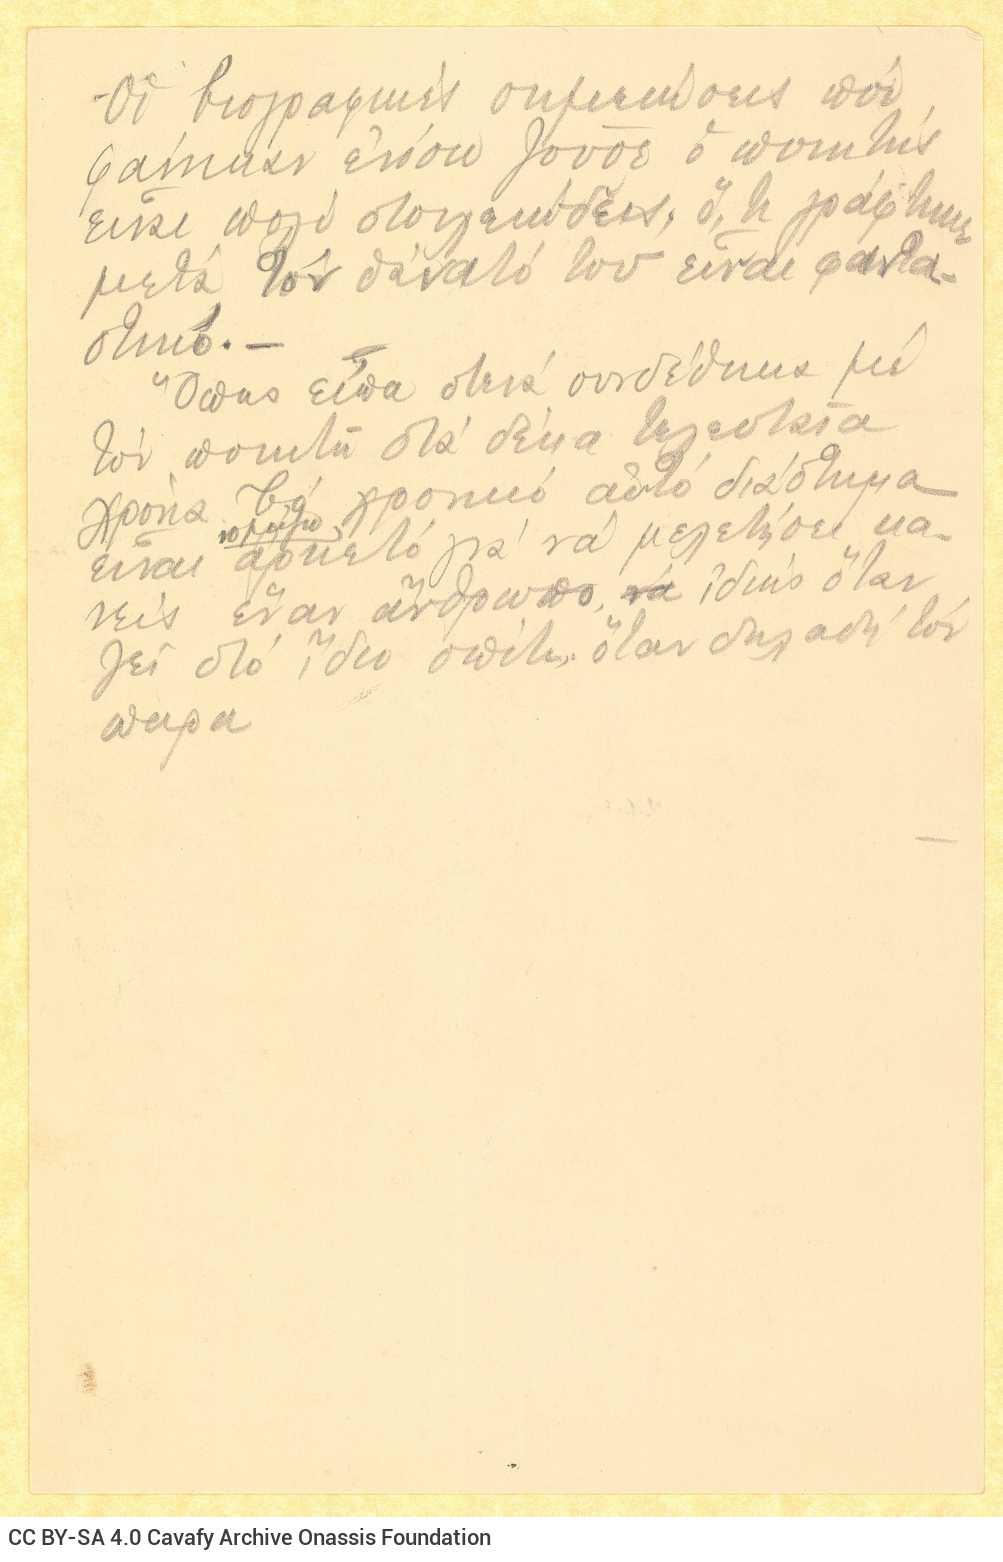 Χειρόγραφες σημειώσεις της Ρίκας Σεγκοπούλου στις δύο όψεις ενός φύ